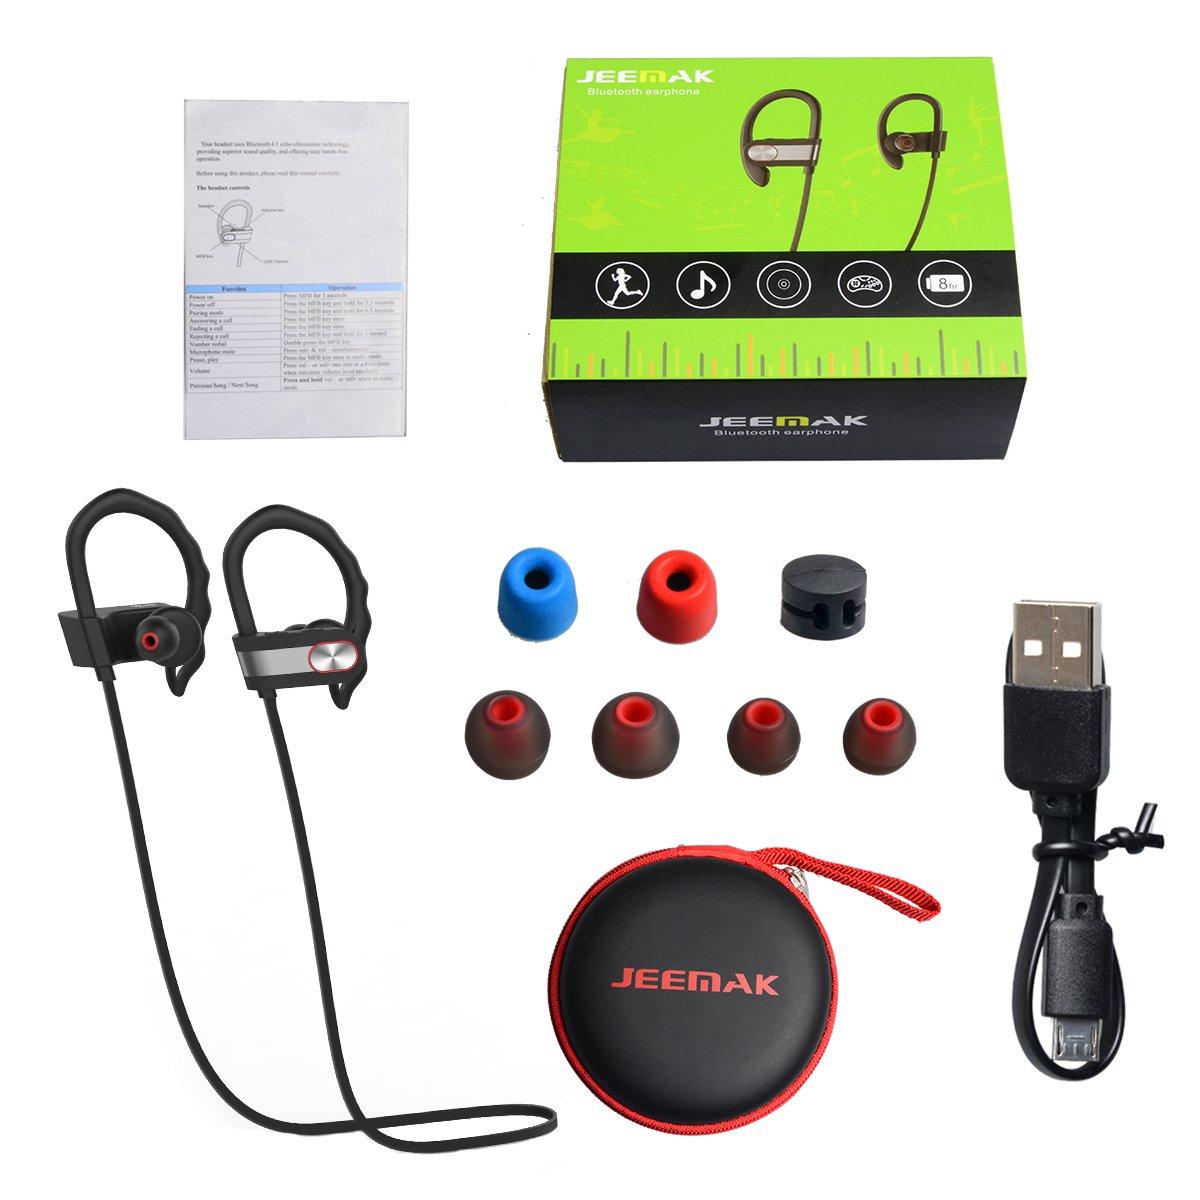 Auriculares Bluetooth Deportes JEEMAK Auriculares Bluetooth V4.1 Auriculares Inalambricos Estéreo con Micrófono Incorporado Cancelación de Ruido para iPhone ...